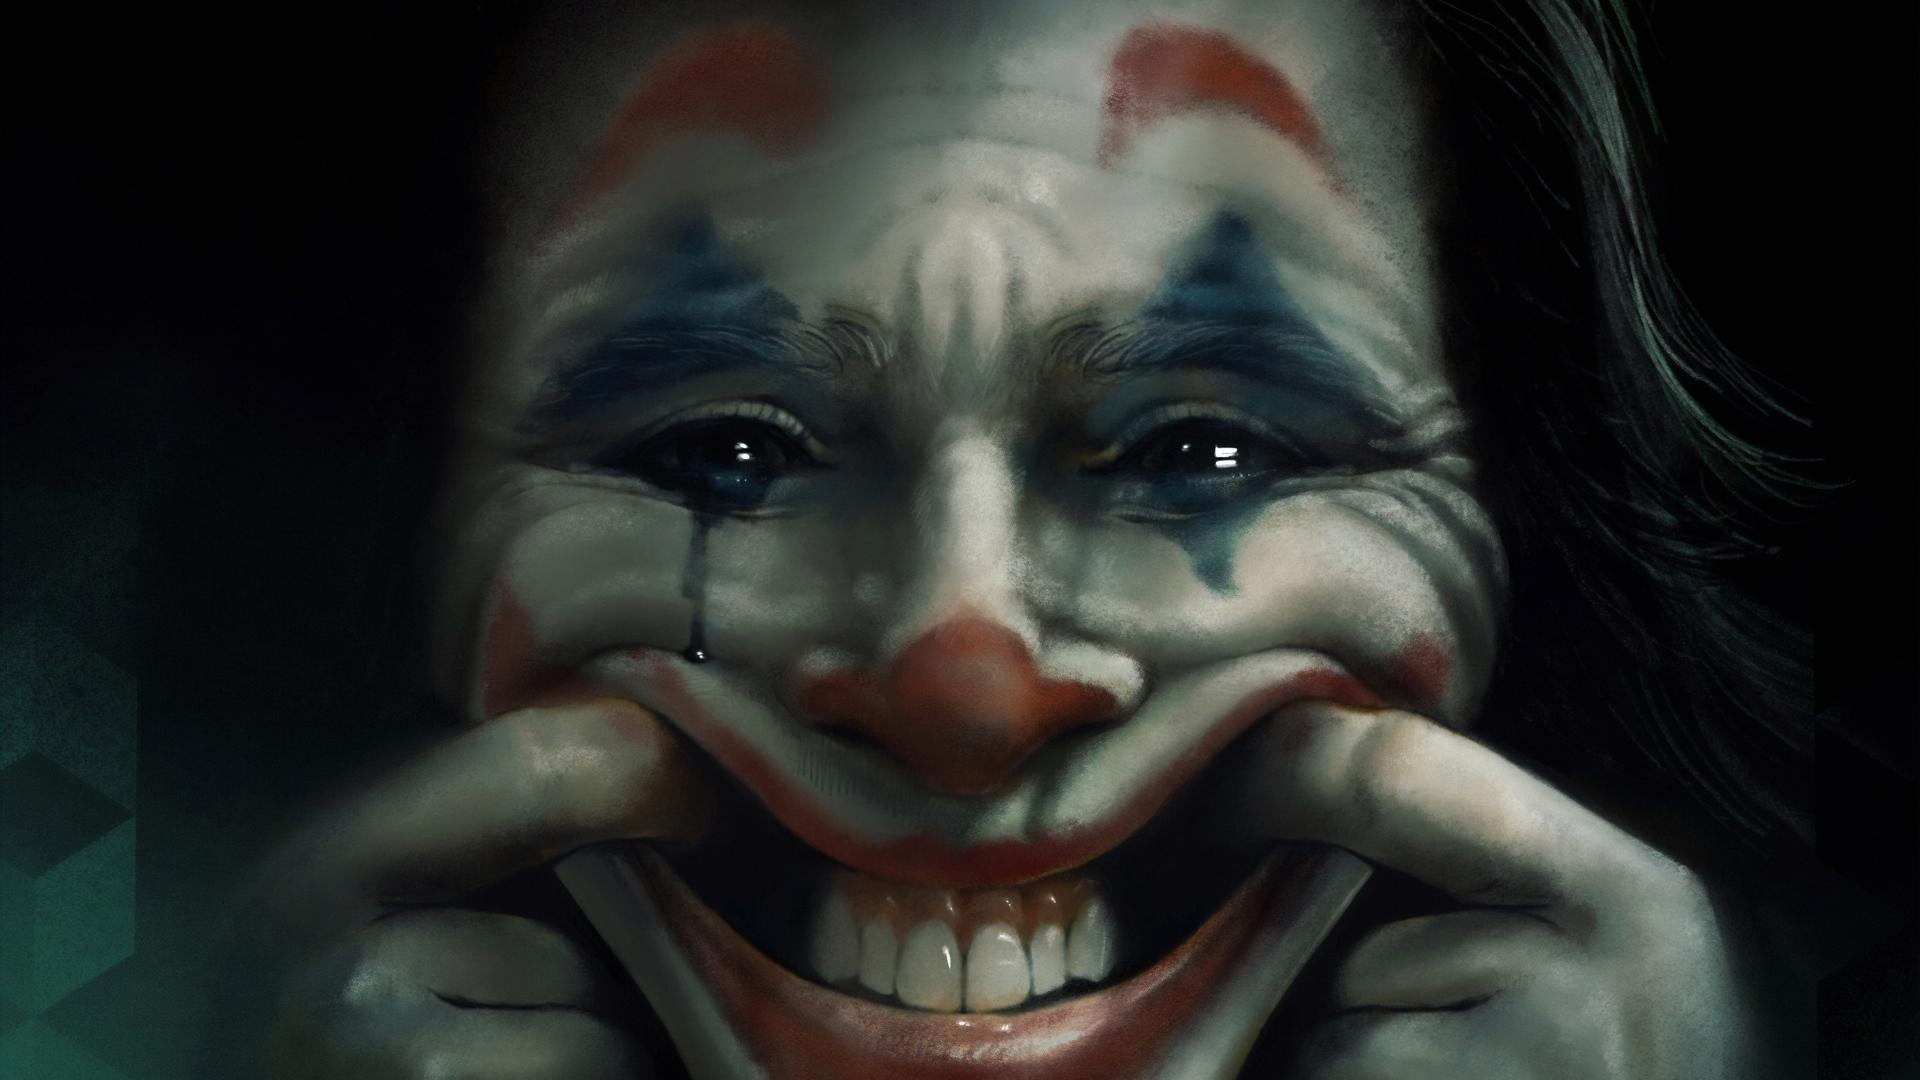 Trends For Joker Movie 2019 Full Hd Wallpaper Wallpaper